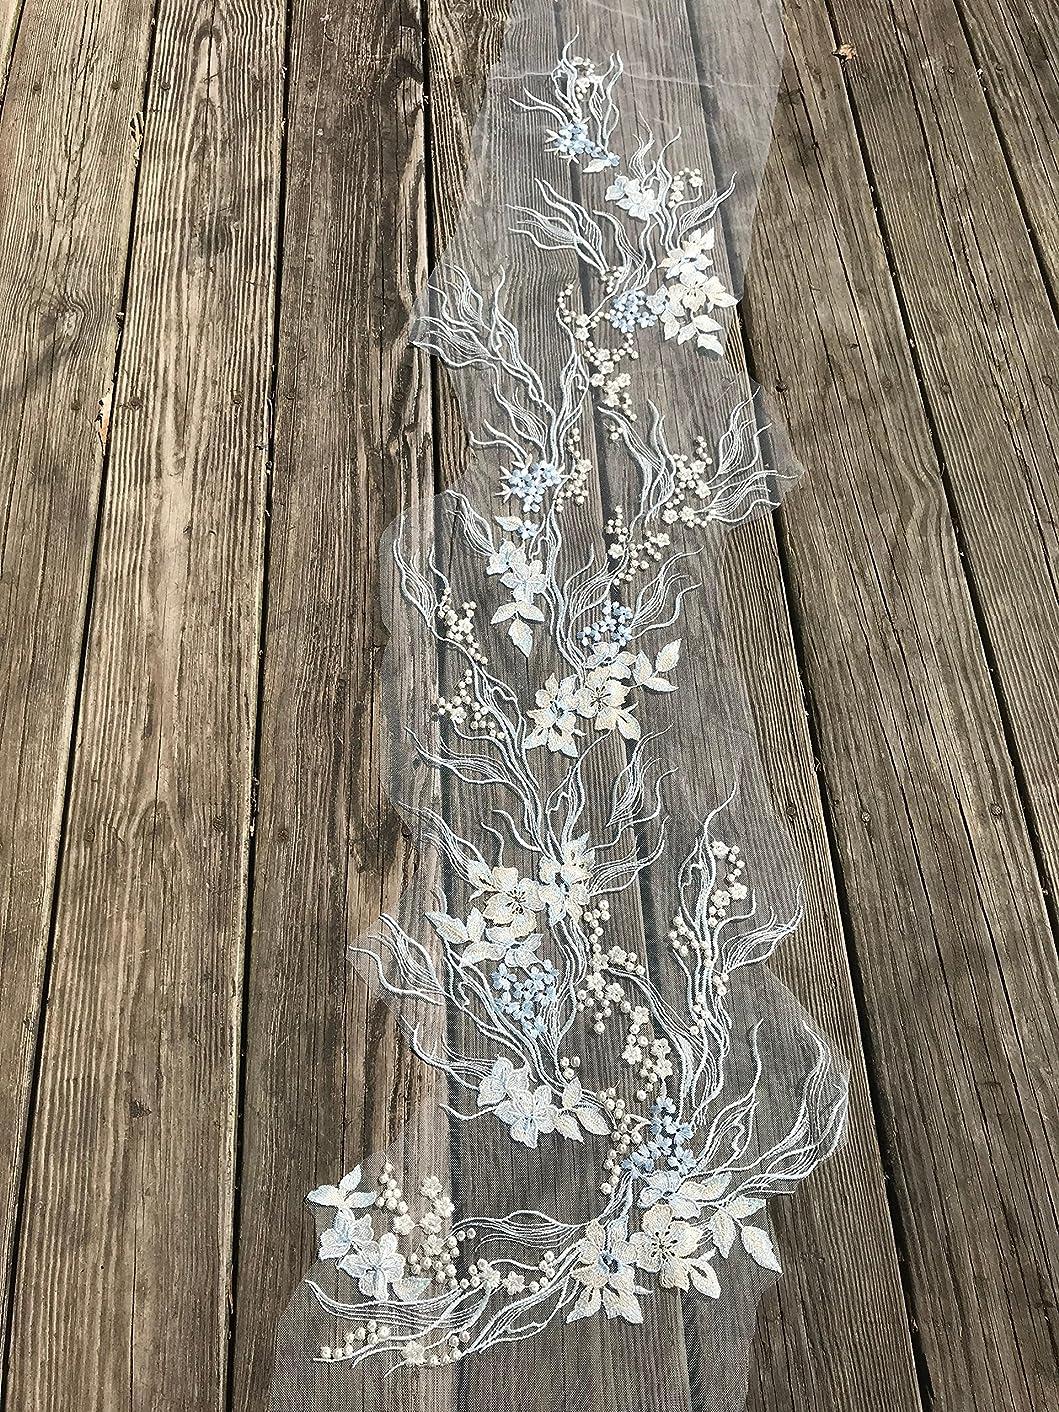 #5 1Pc Blue and white wedding applique,Wedding Dress applique, Lace Neckline Trim Applique Embroidery Patch, Embellishments Decorative Patches